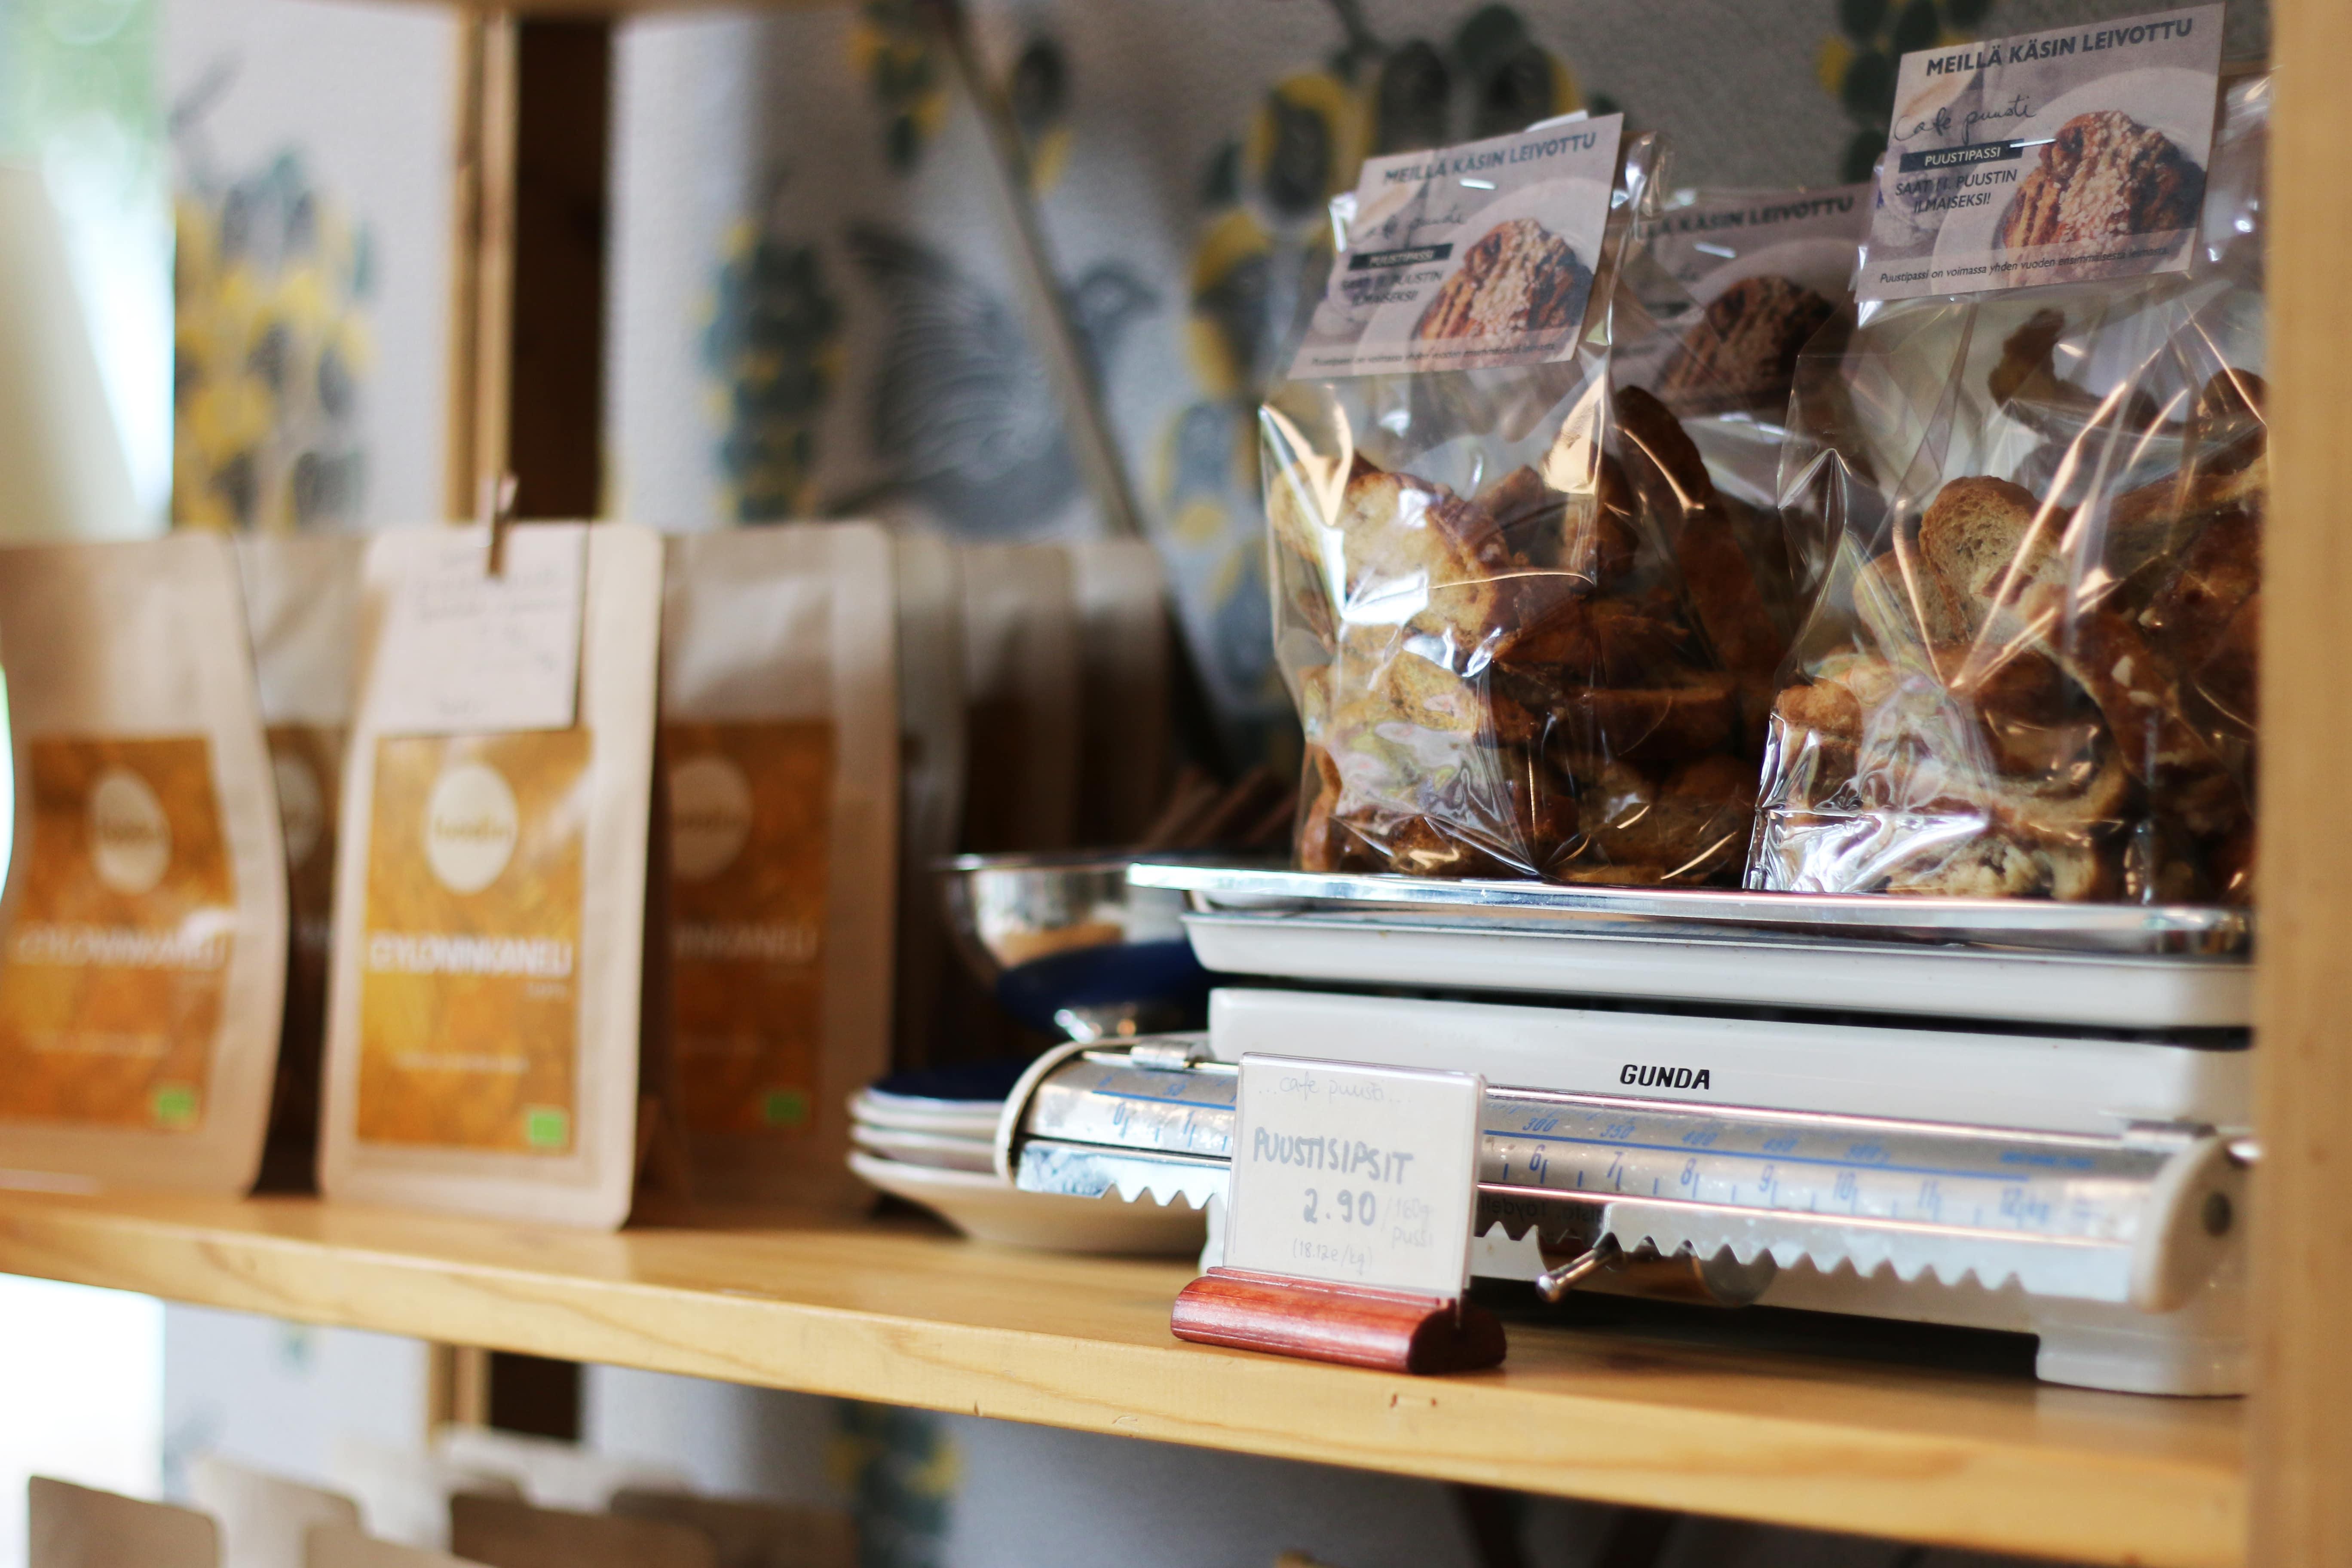 Café Puustin puustisipsit ja ceyloninkaneli